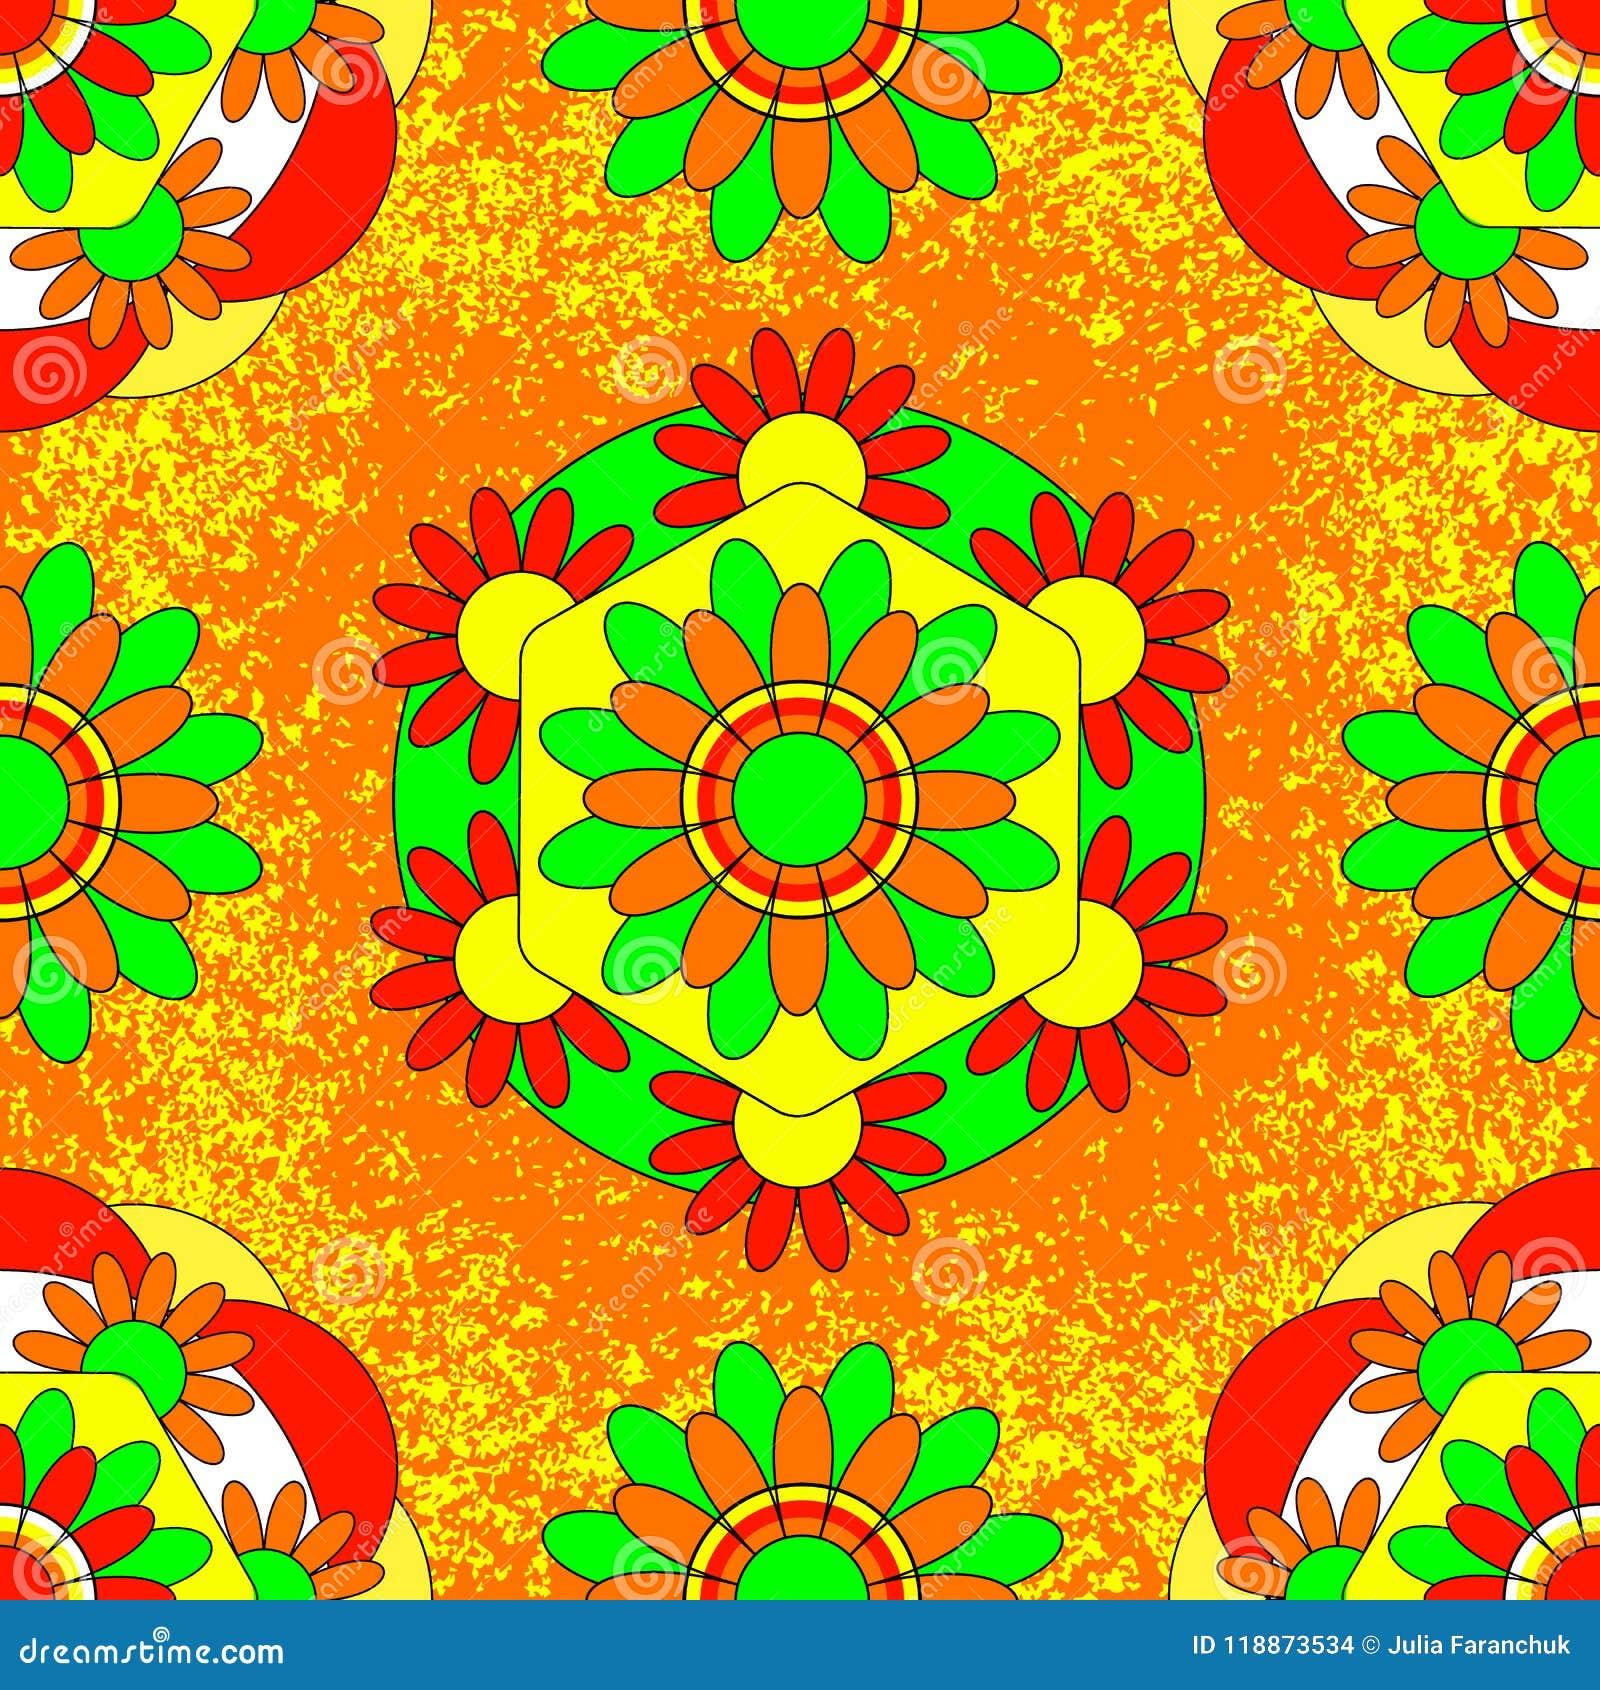 Onam Hindu Festival Kerala In India 4 September Flower